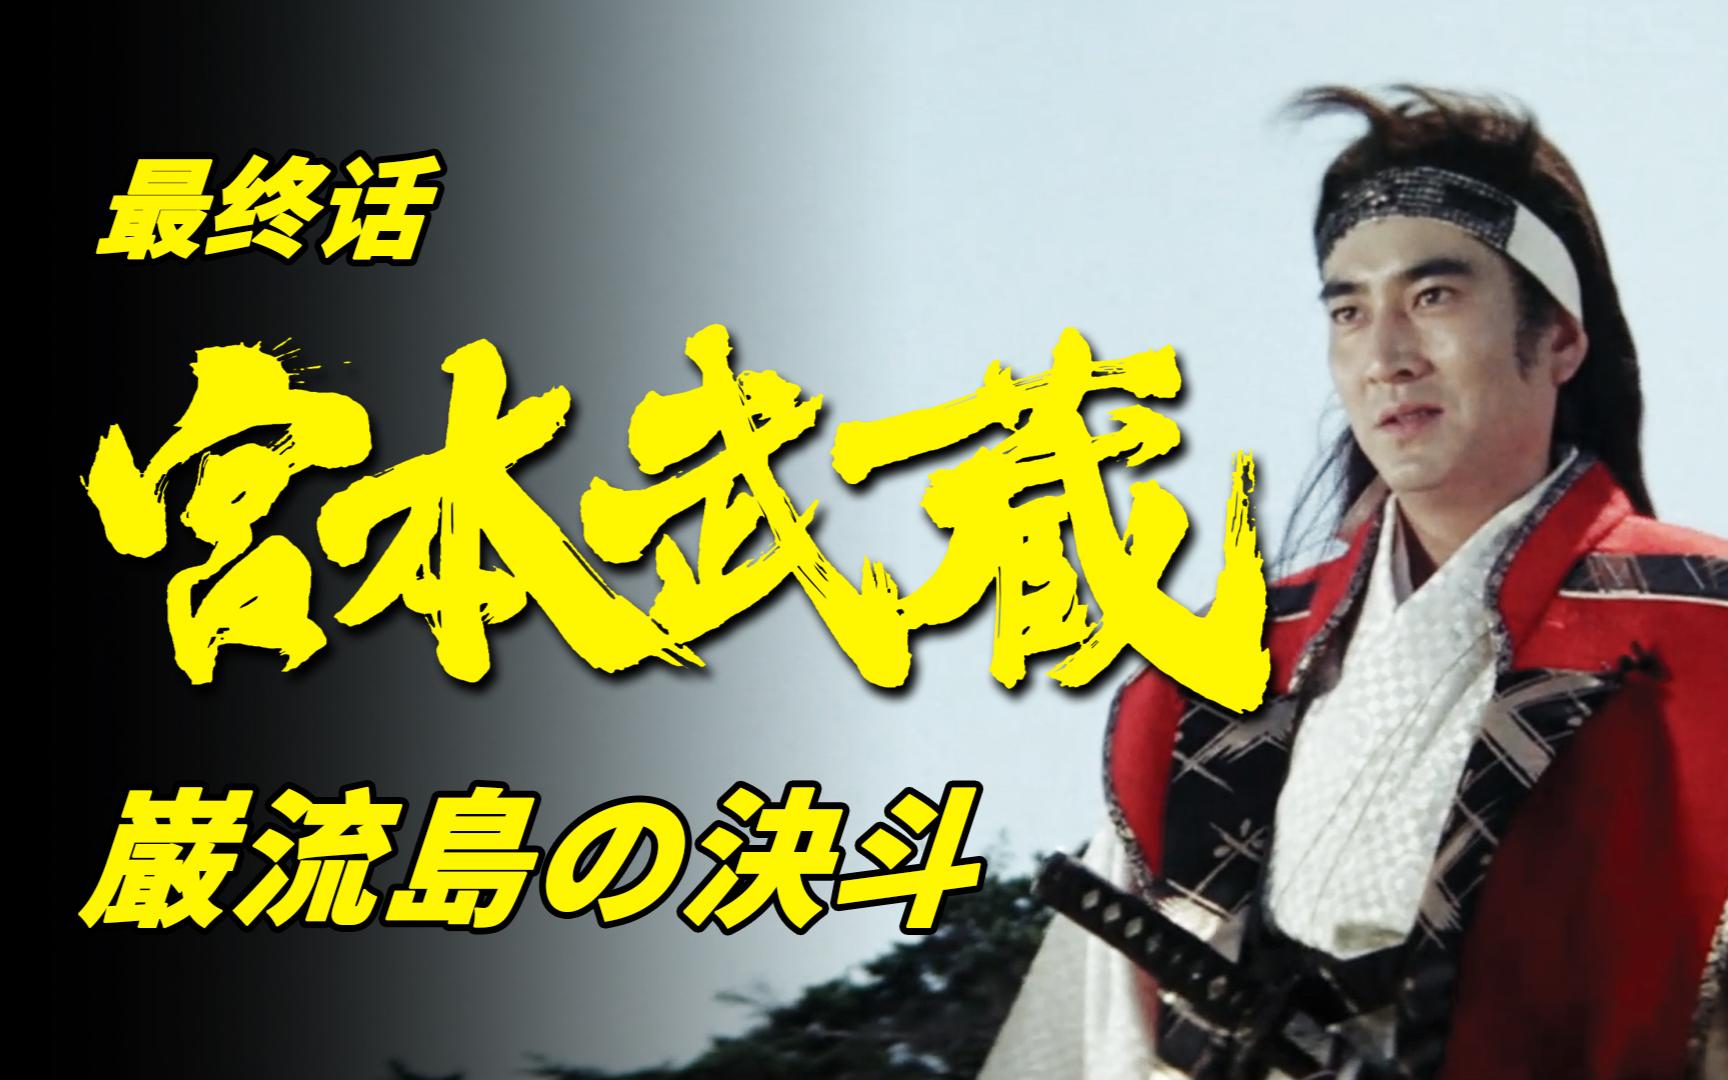 【剑戟片】内田吐梦版《宫本武藏》最终话:已是天下第一,宫本武藏为何封剑?